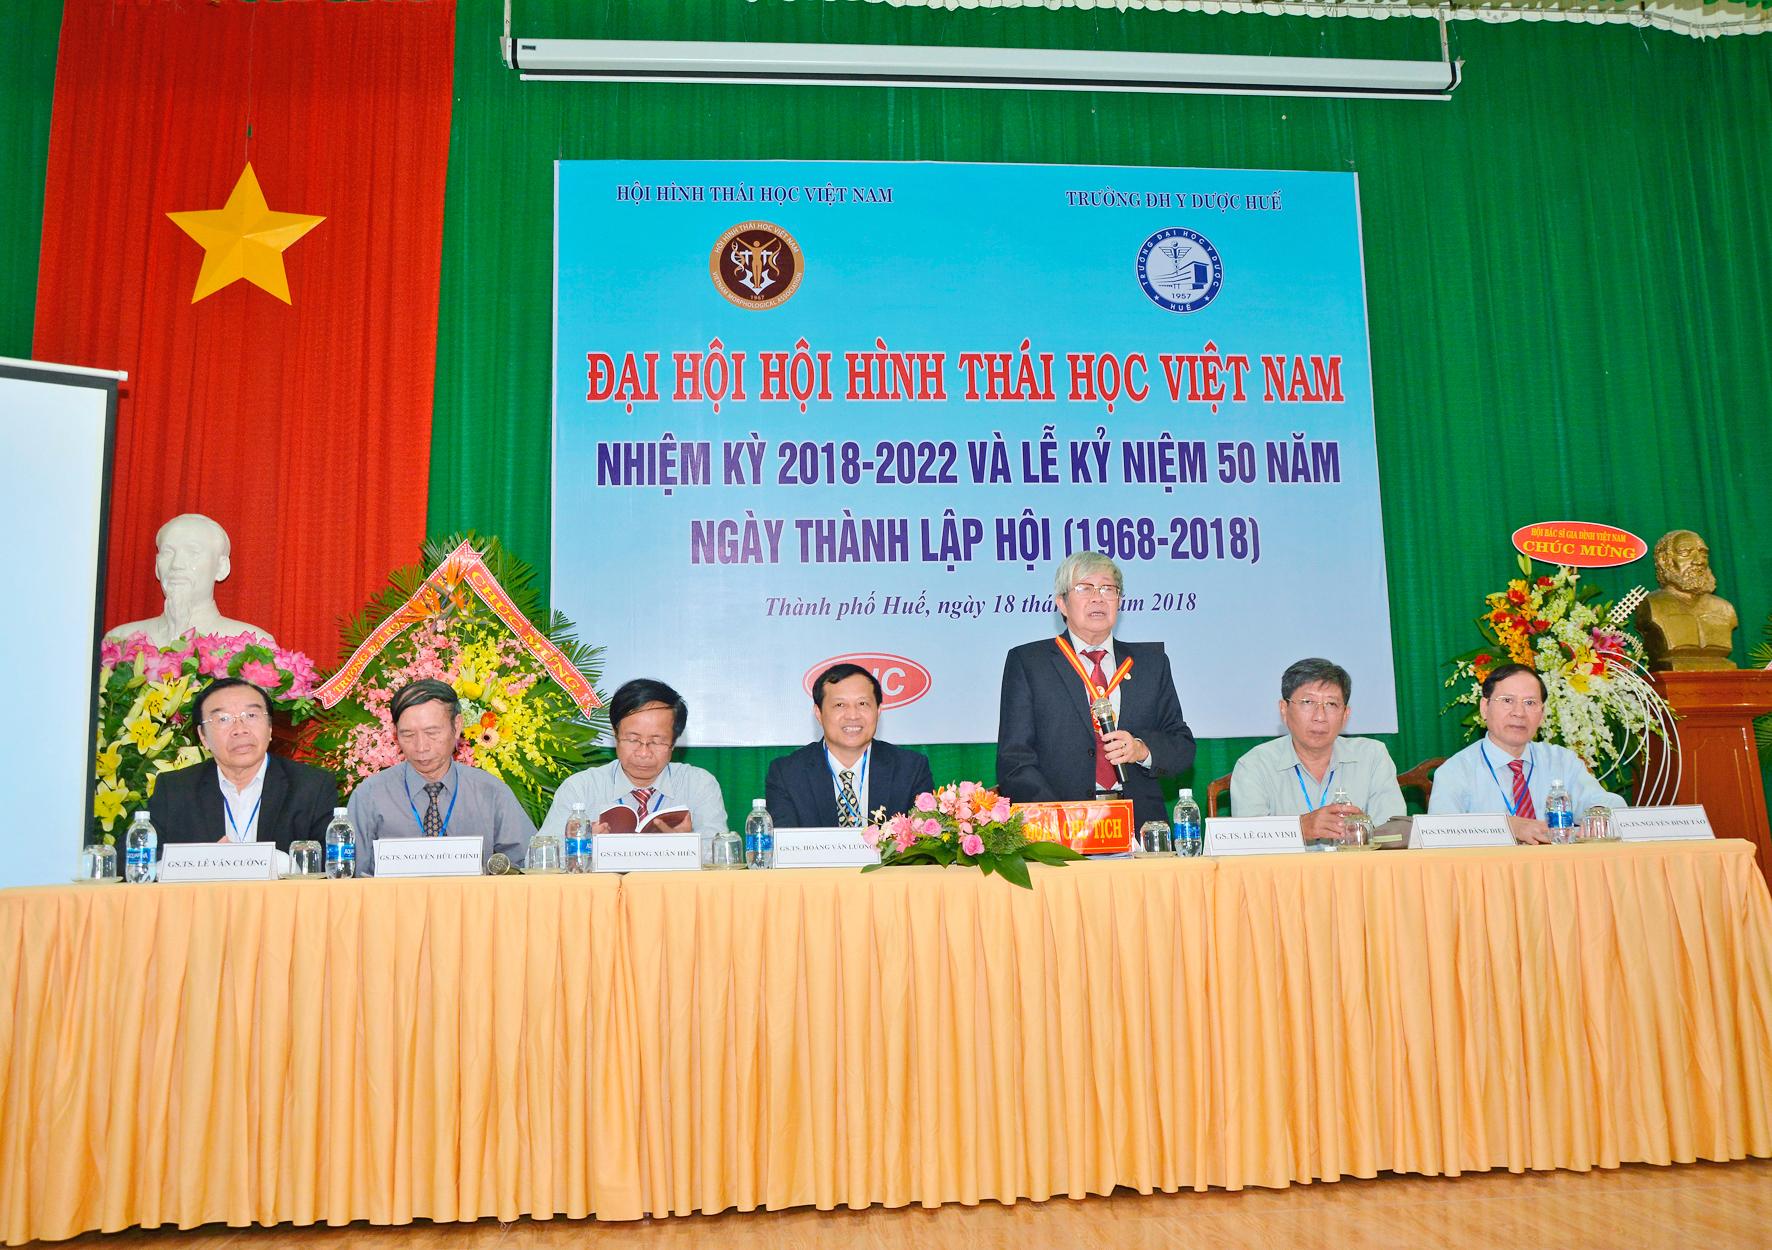 Đại hội Hội hình thái học Việt Nam nhiệm kỳ 2018-2022 và Hội nghị Khoa học toàn quốc lần thứ XVI